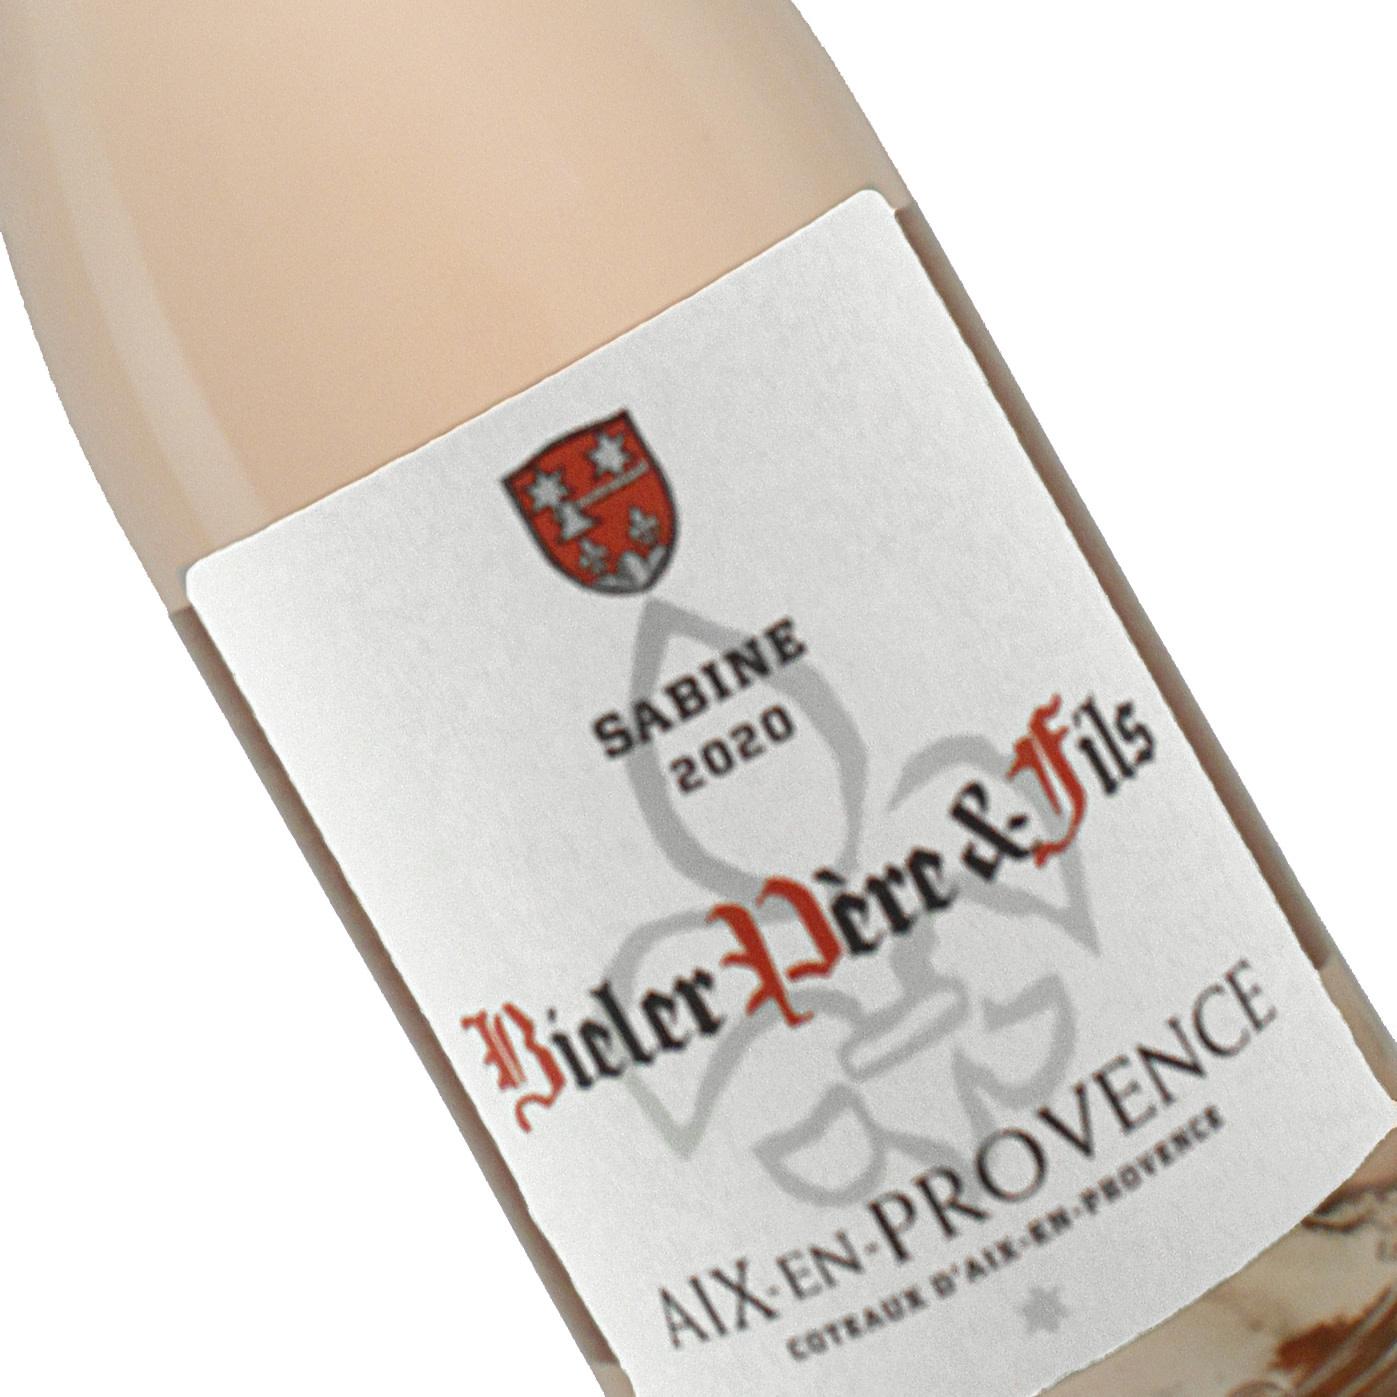 Bieler 2020 Aix-en-Provence Rose, Provence, France